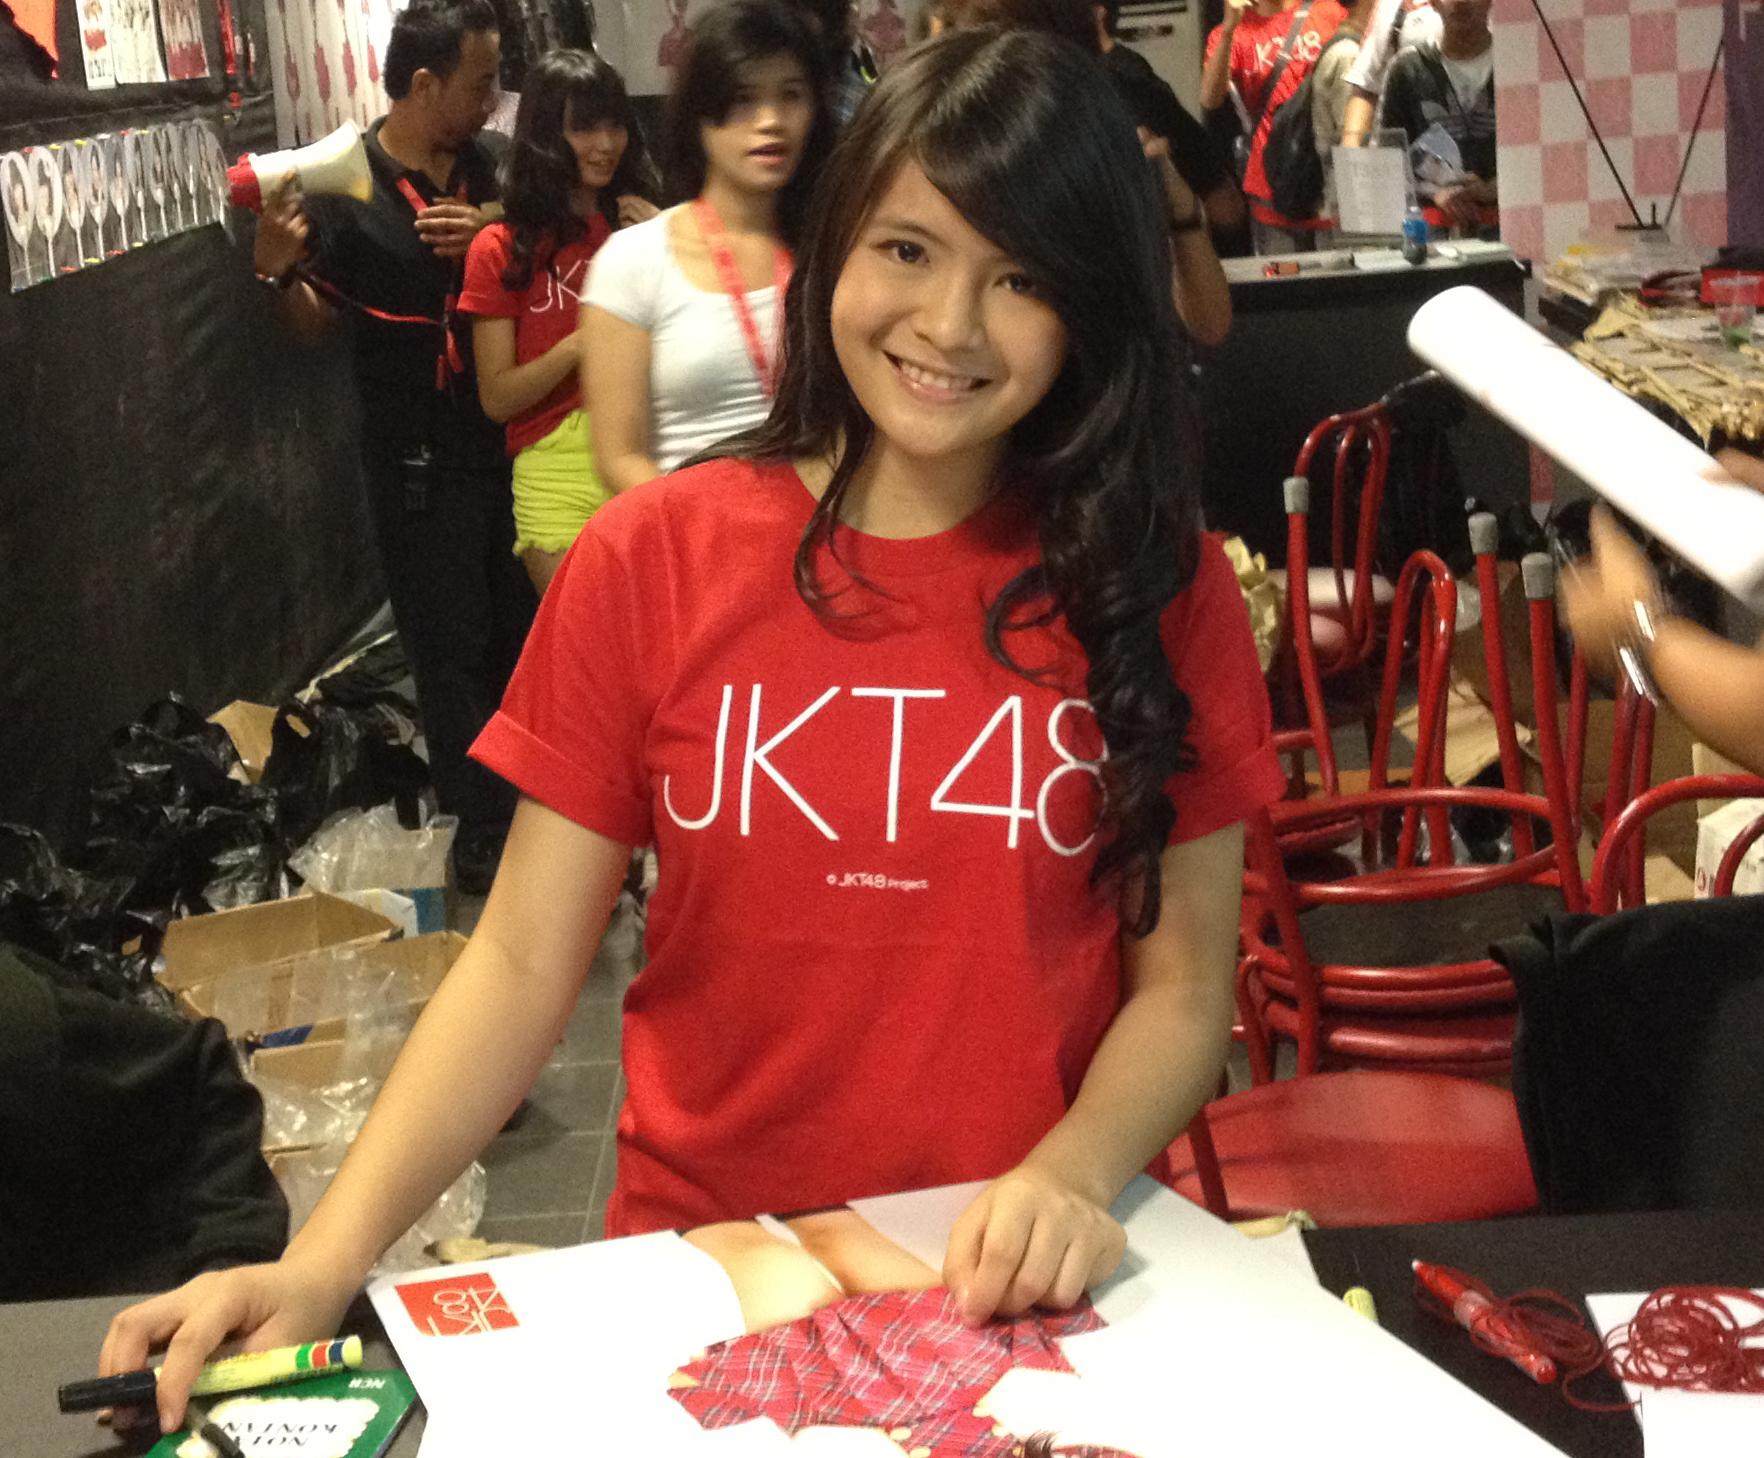 Desain t shirt jkt48 - Jkt 48 Desain 1